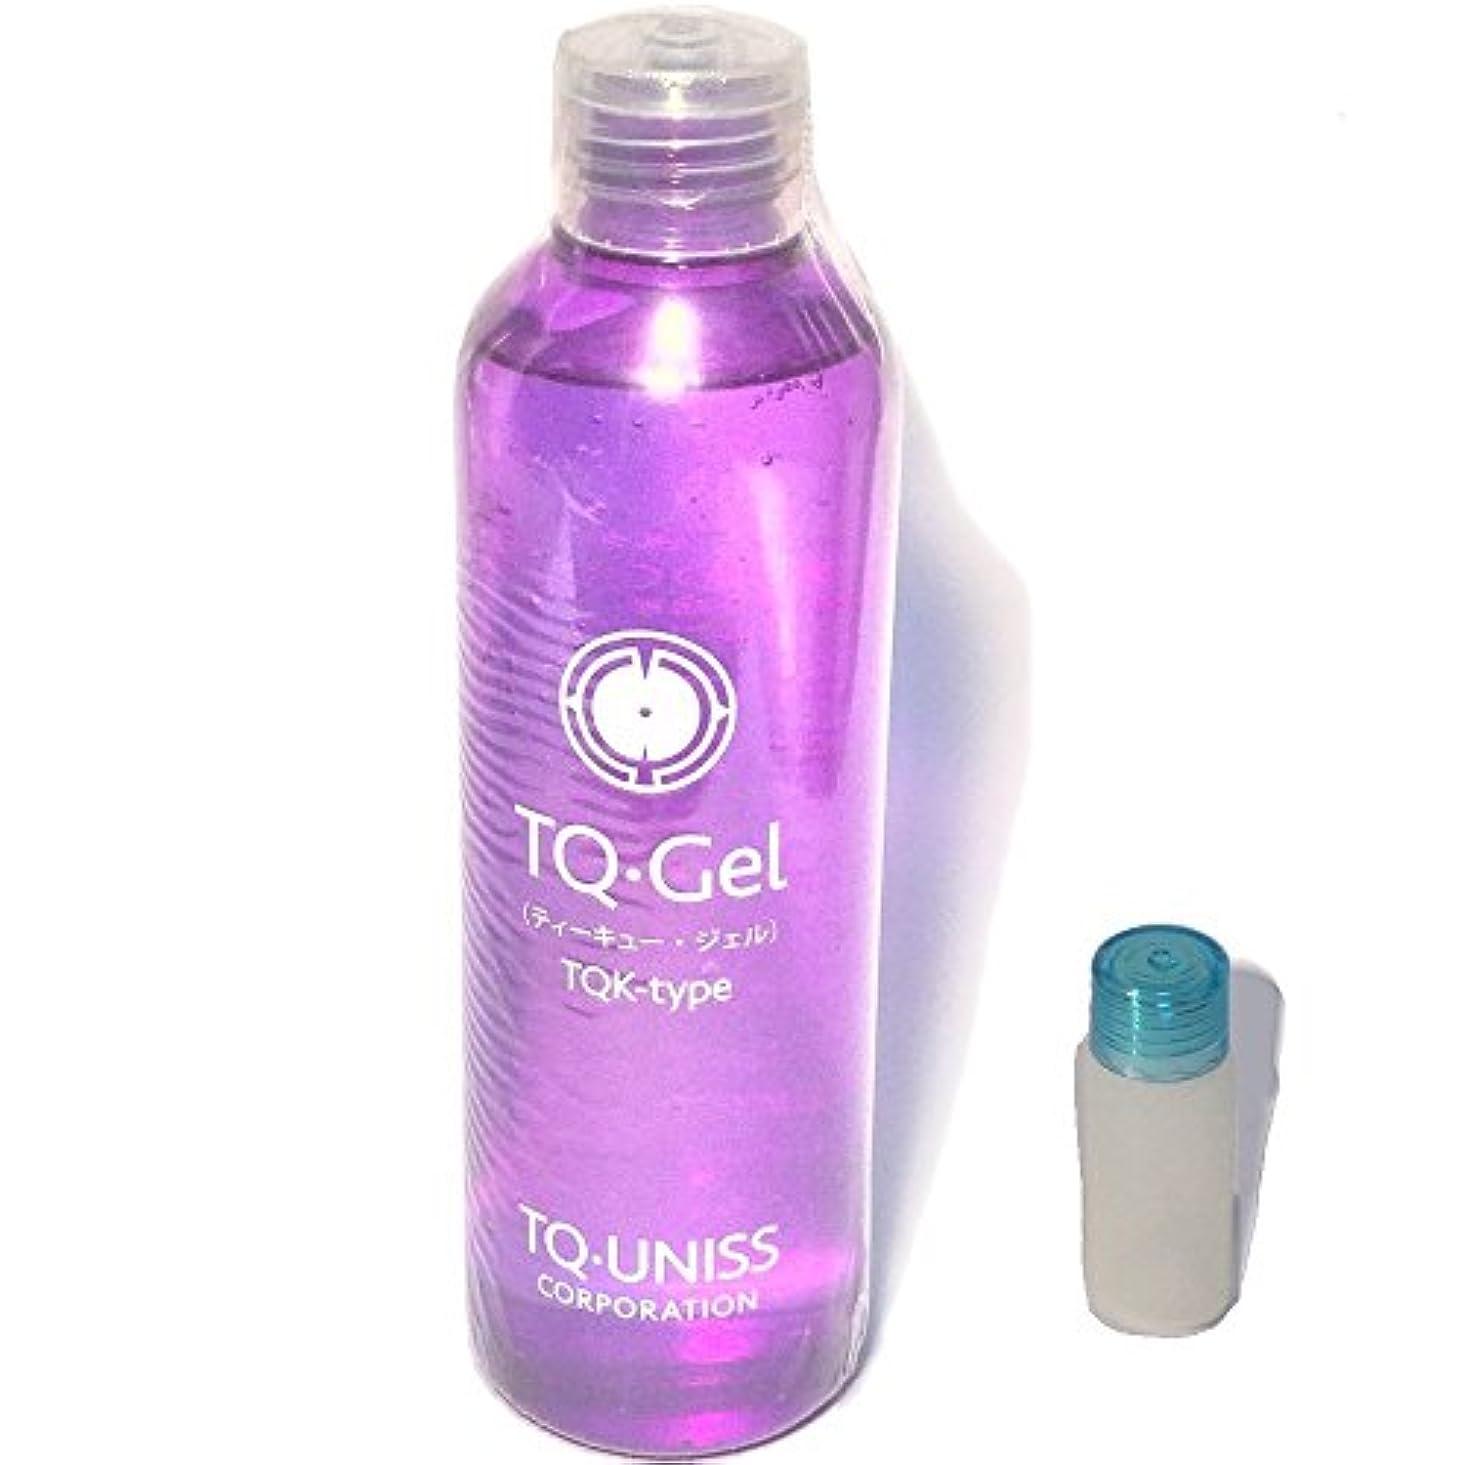 TQジェル ミニボトル5mlセット厳選された自然由来の保湿成分+20のエネルギー [300ml]